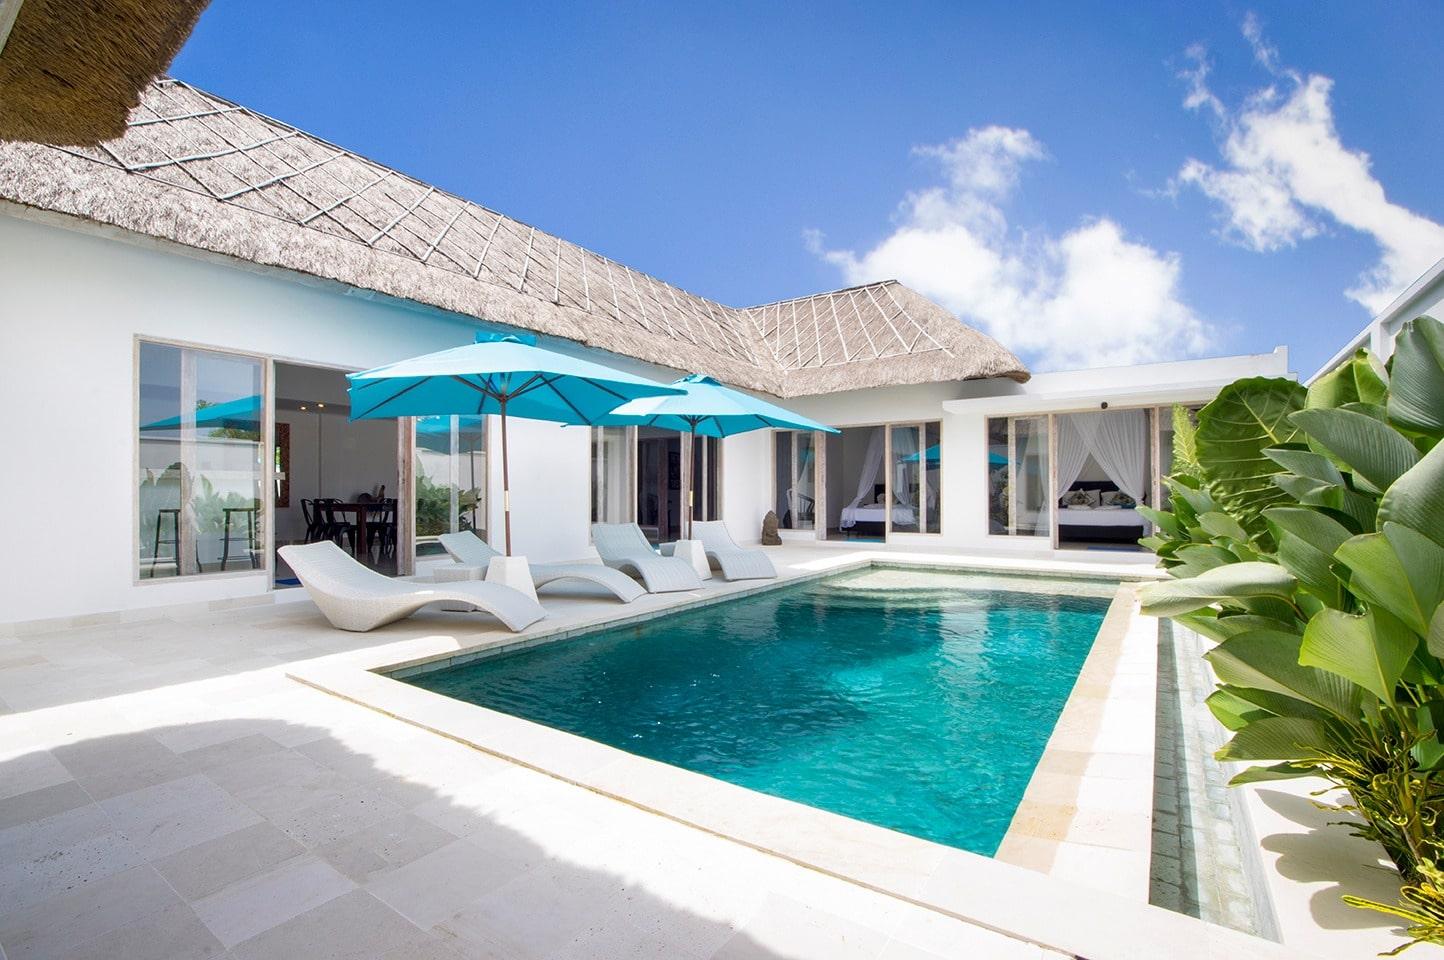 Location De Villa Pas Chère À Bali : 4 Chambres Et Une ... tout Chambre D Hotel Avec Piscine Privée